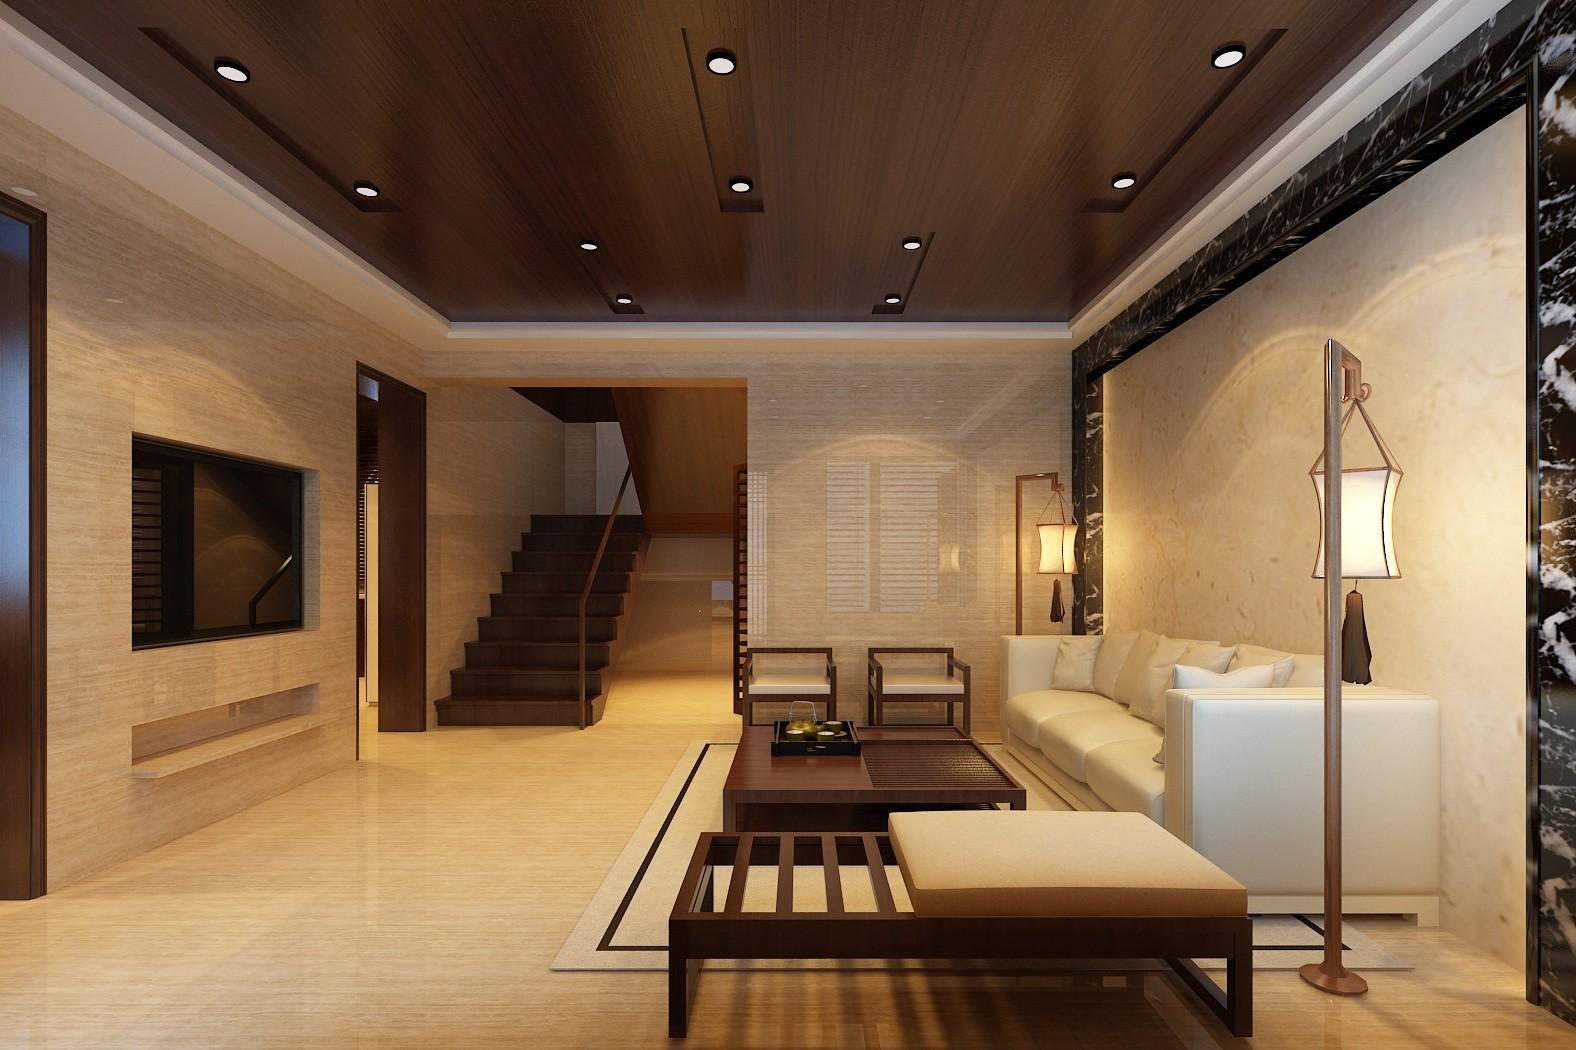 复式 中式 旧房改造 别墅 客厅图片来自赵修杰在100平复式案例的分享